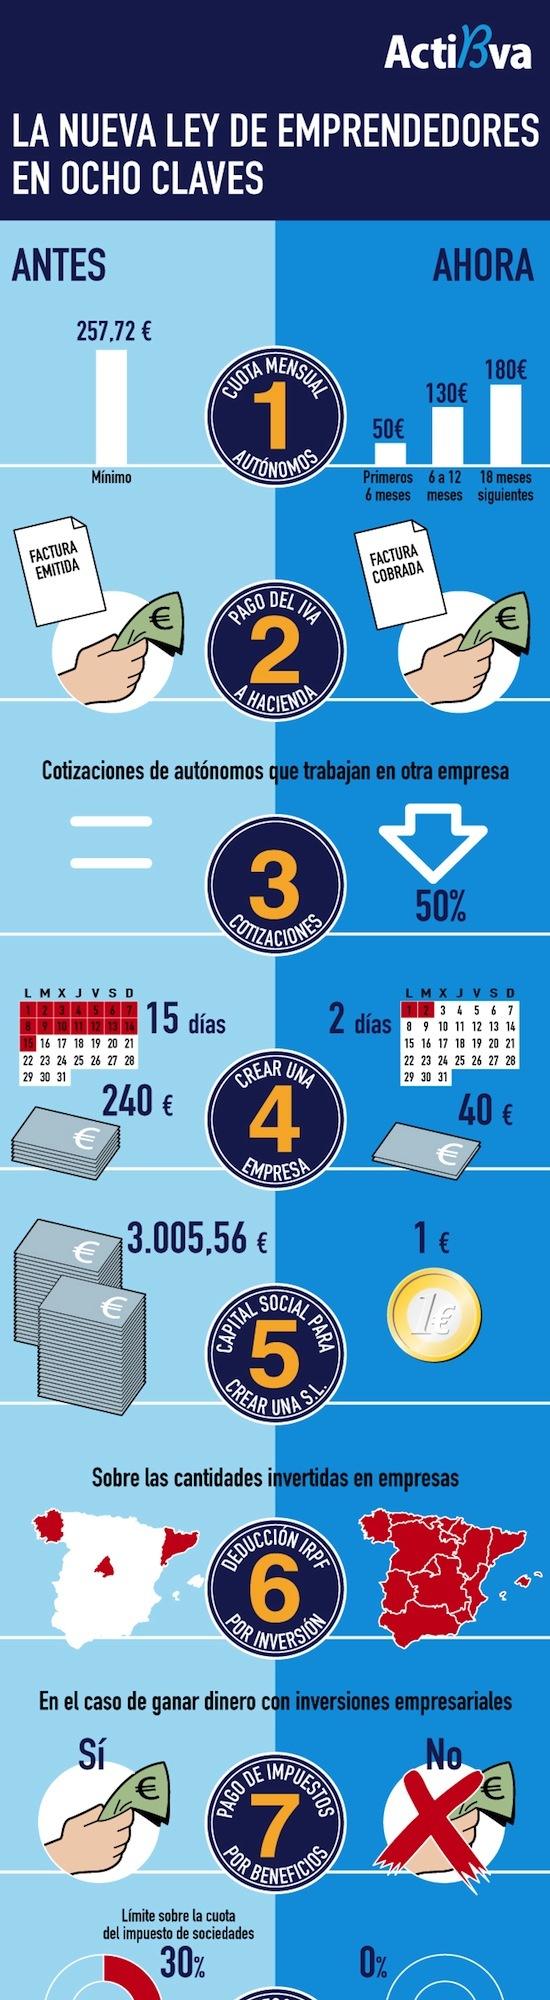 La nueva ley de emprendedores en 8 claves (España)